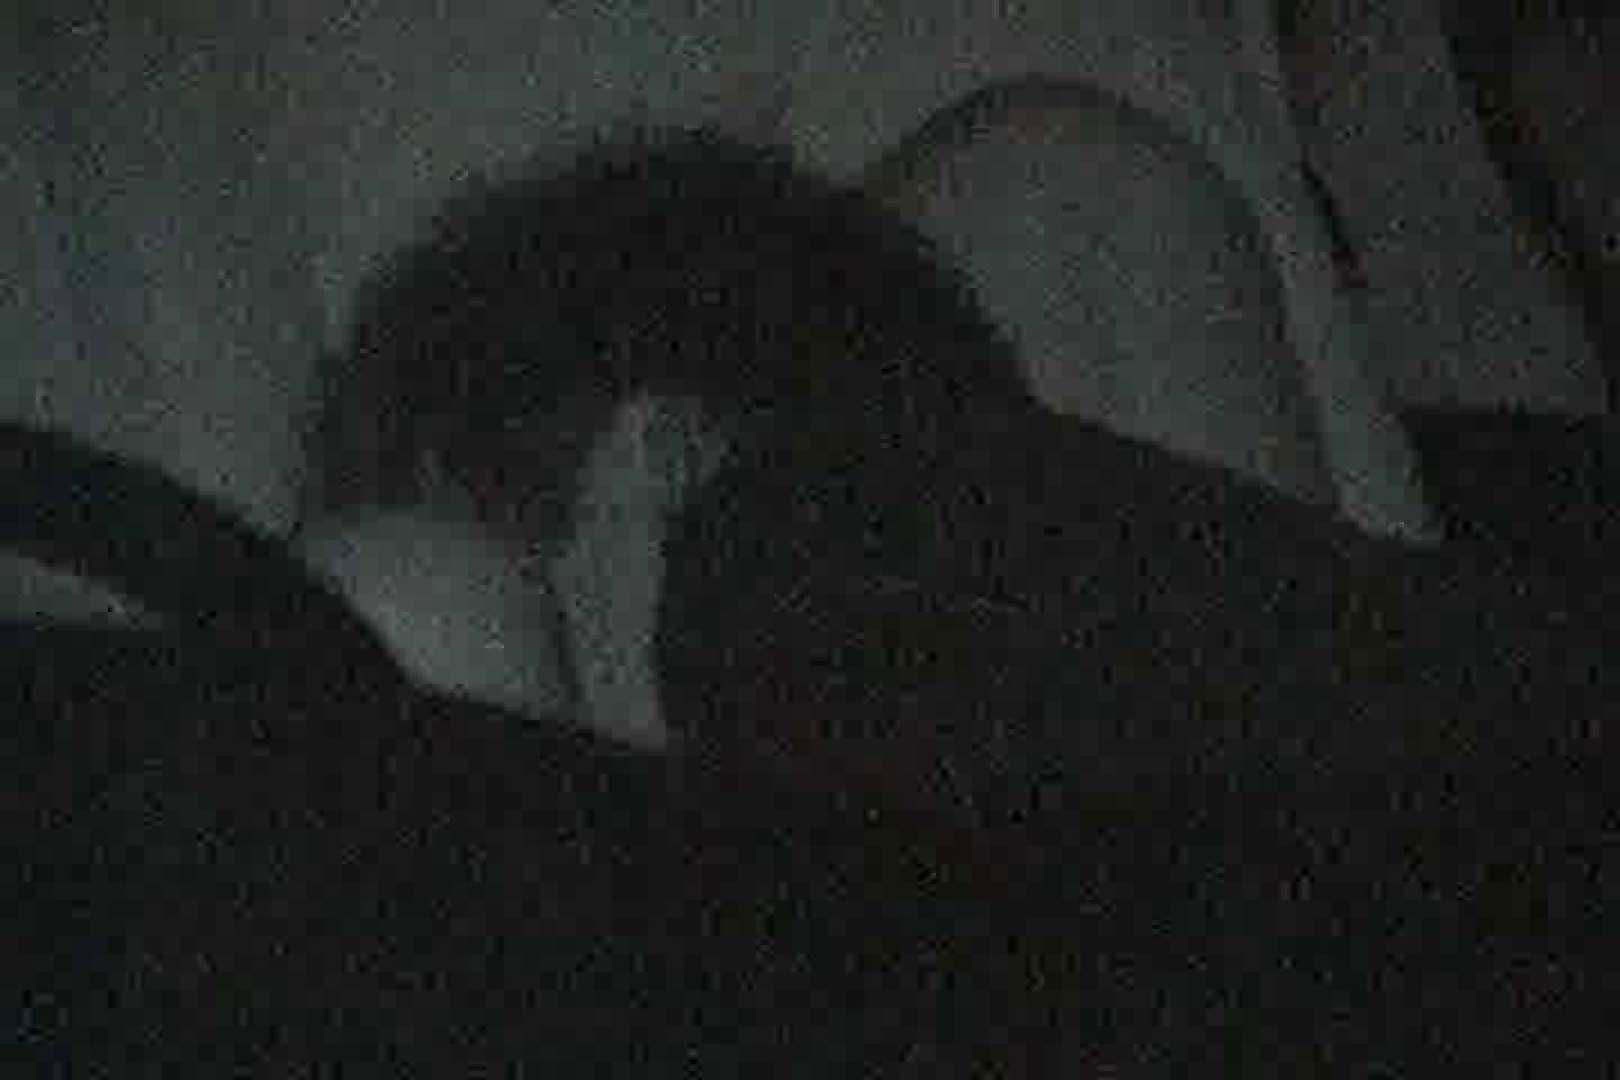 充血監督の深夜の運動会Vol.2 素人 | セックス  61pic 1